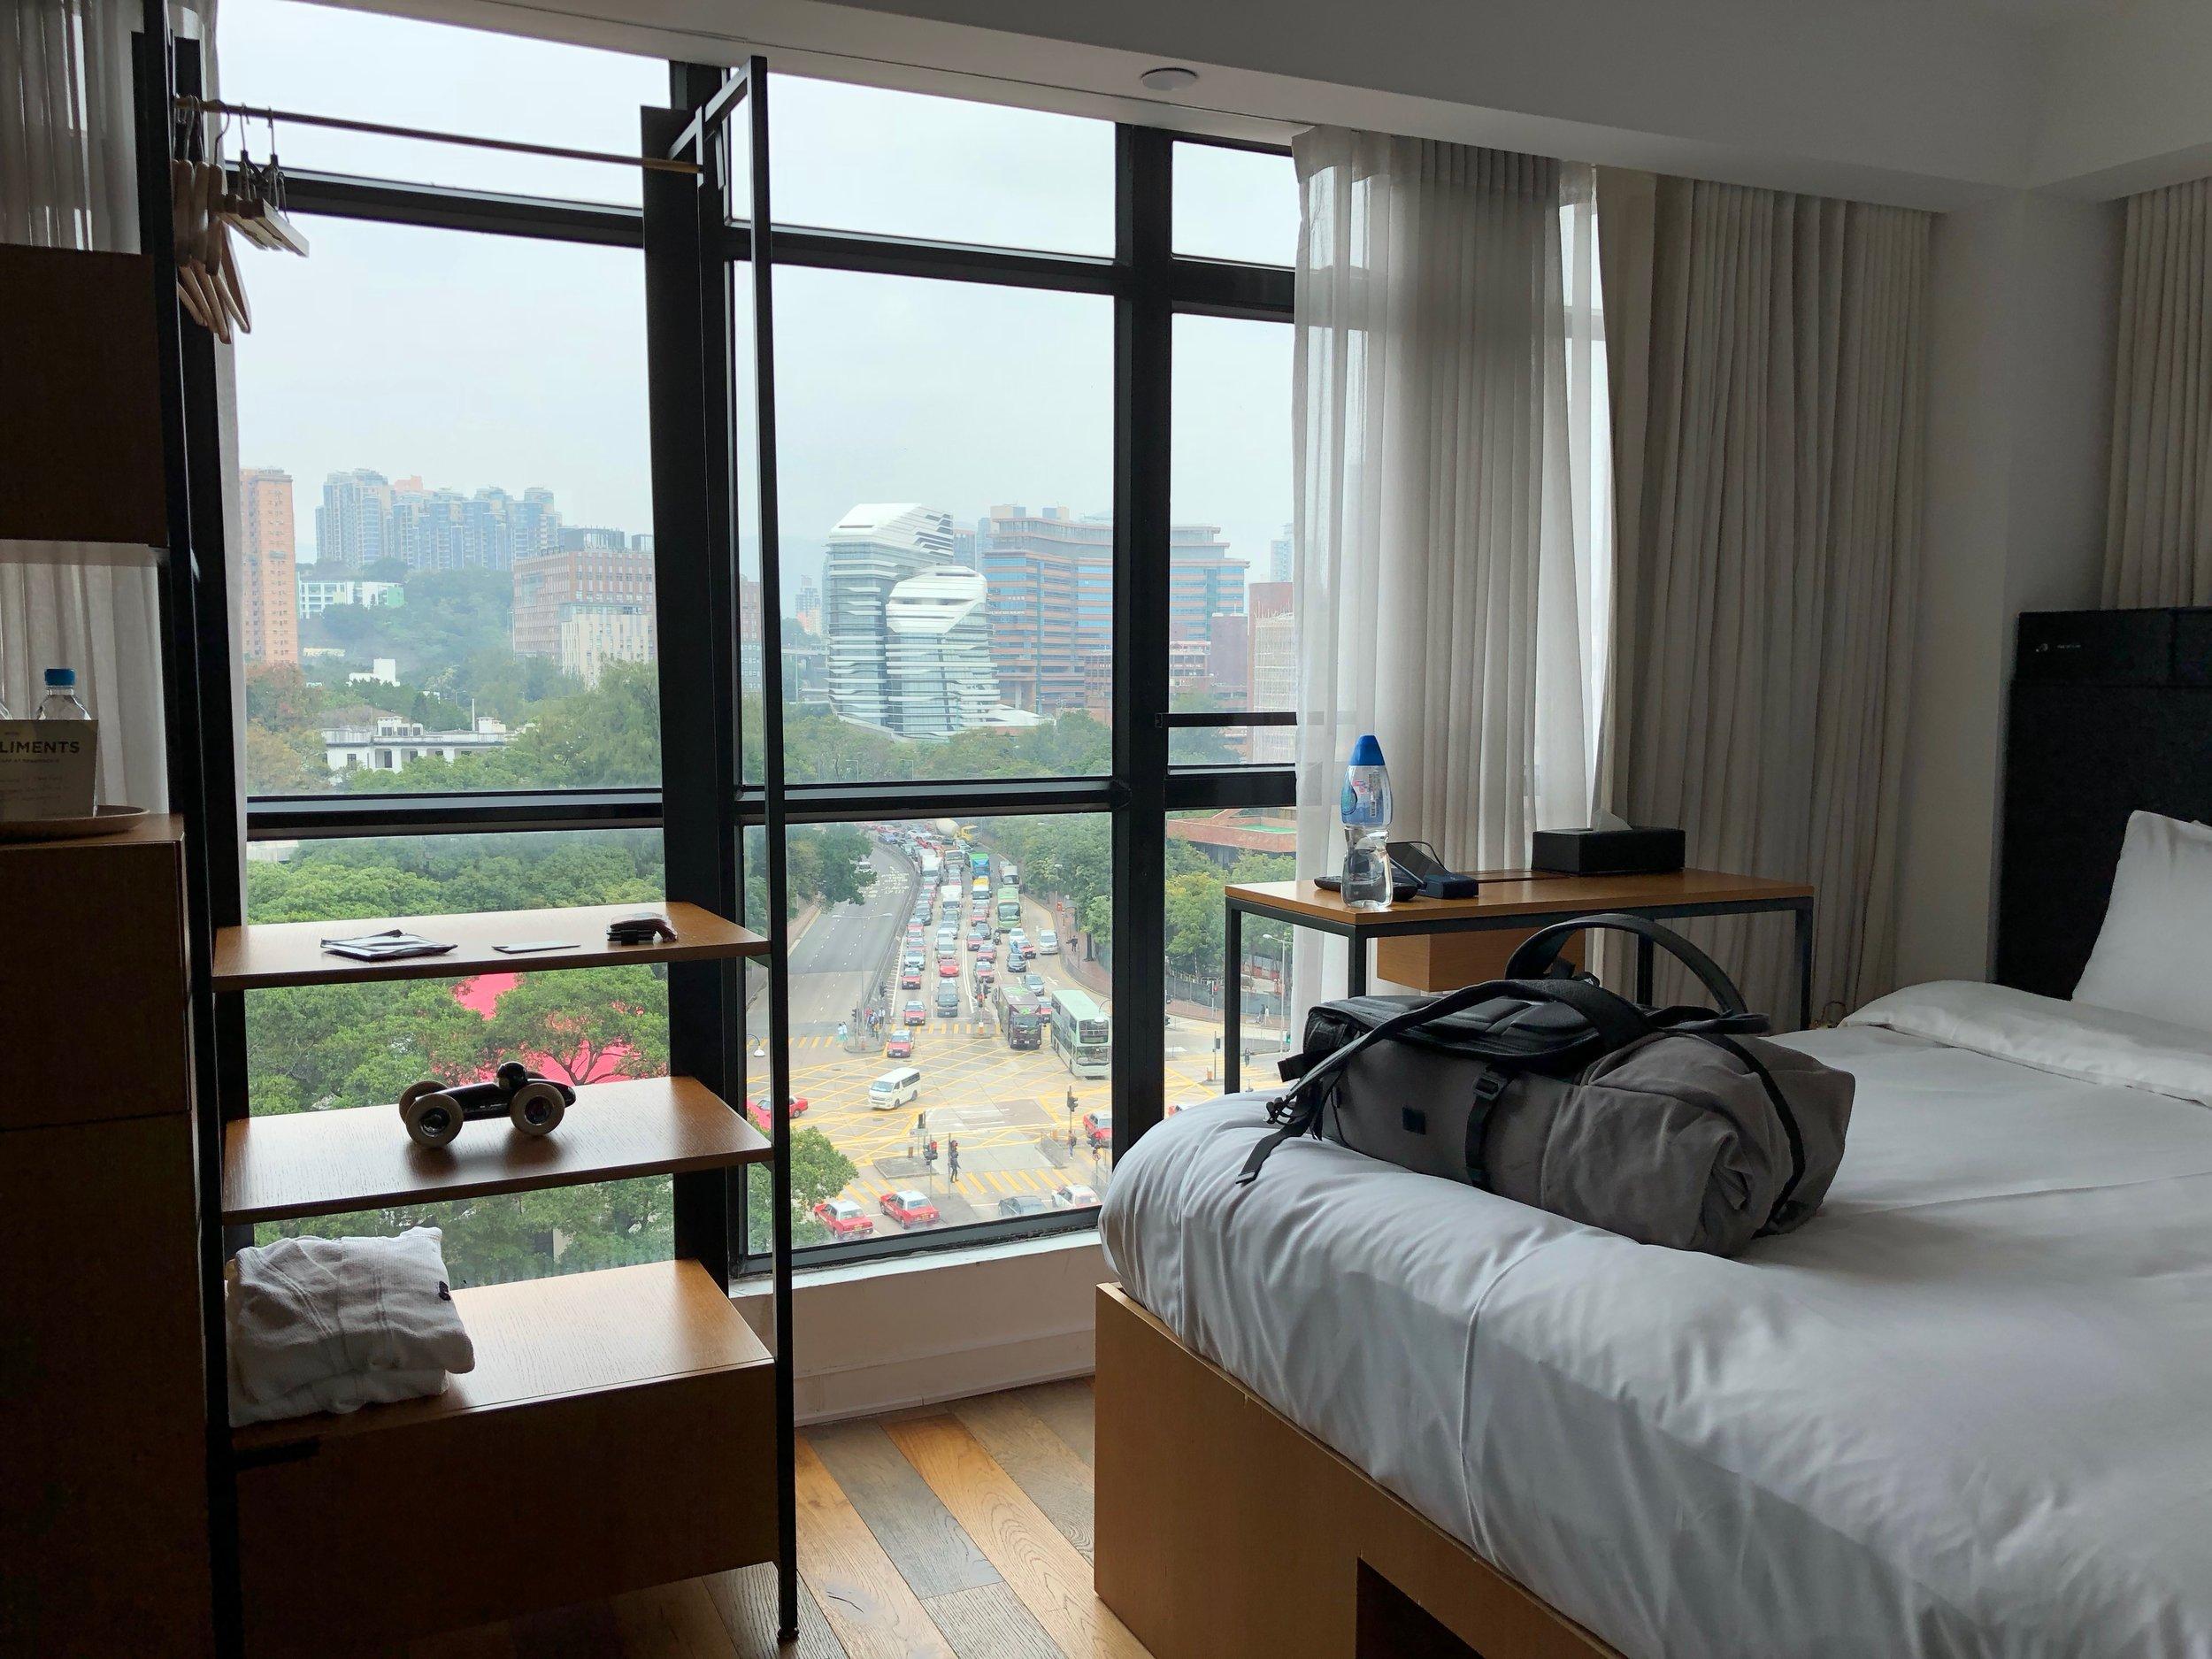 Zimmer mit Aussicht - Hotel in Kowloon zwischen den Haltestellen Hung Hom, Jordan und Tsim Sha Tsui East